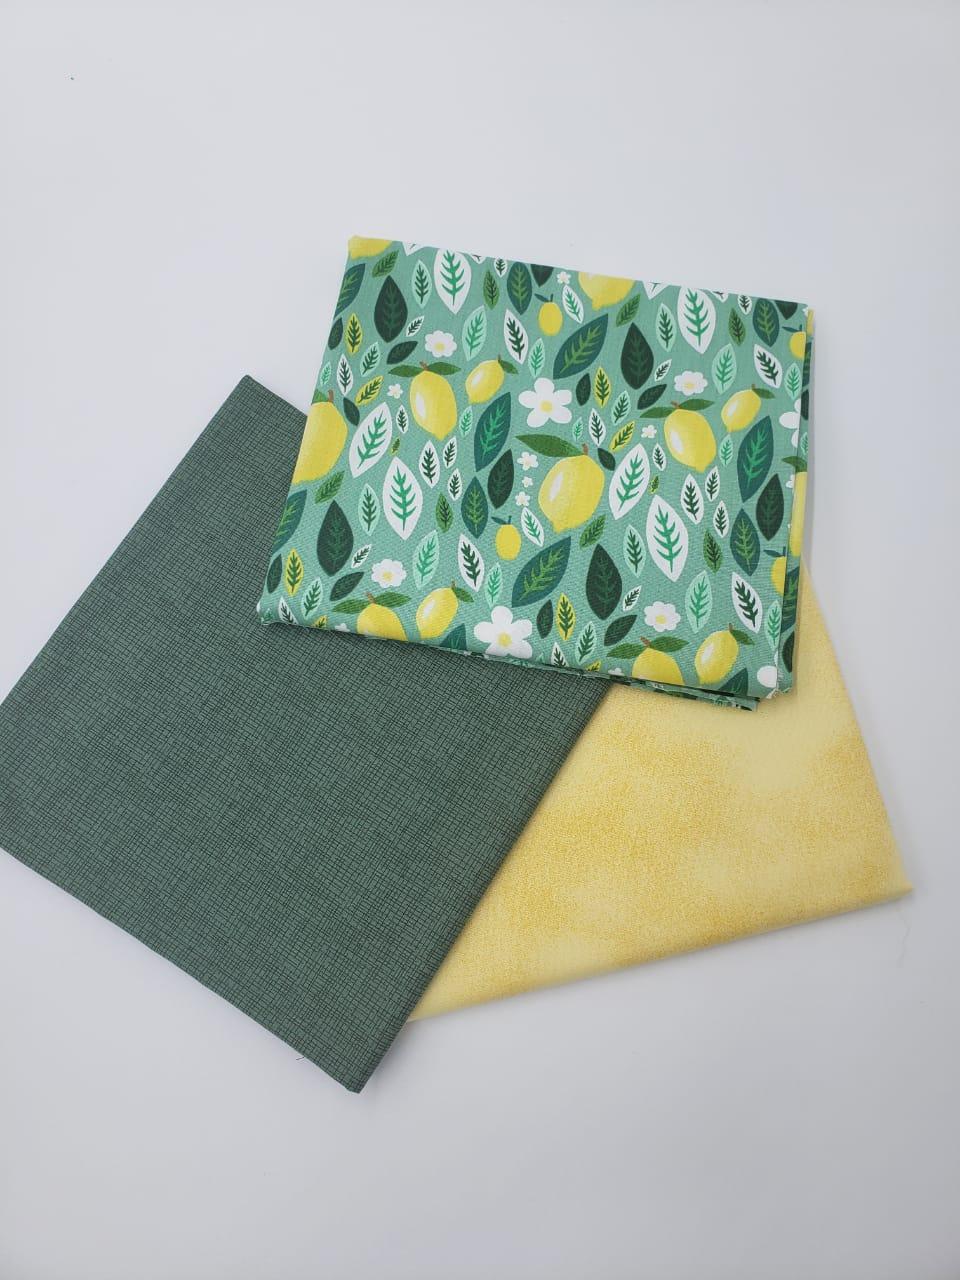 Kit 3 Estampas Compose Amarelo e Verde (50cm x 150cm por estampa)